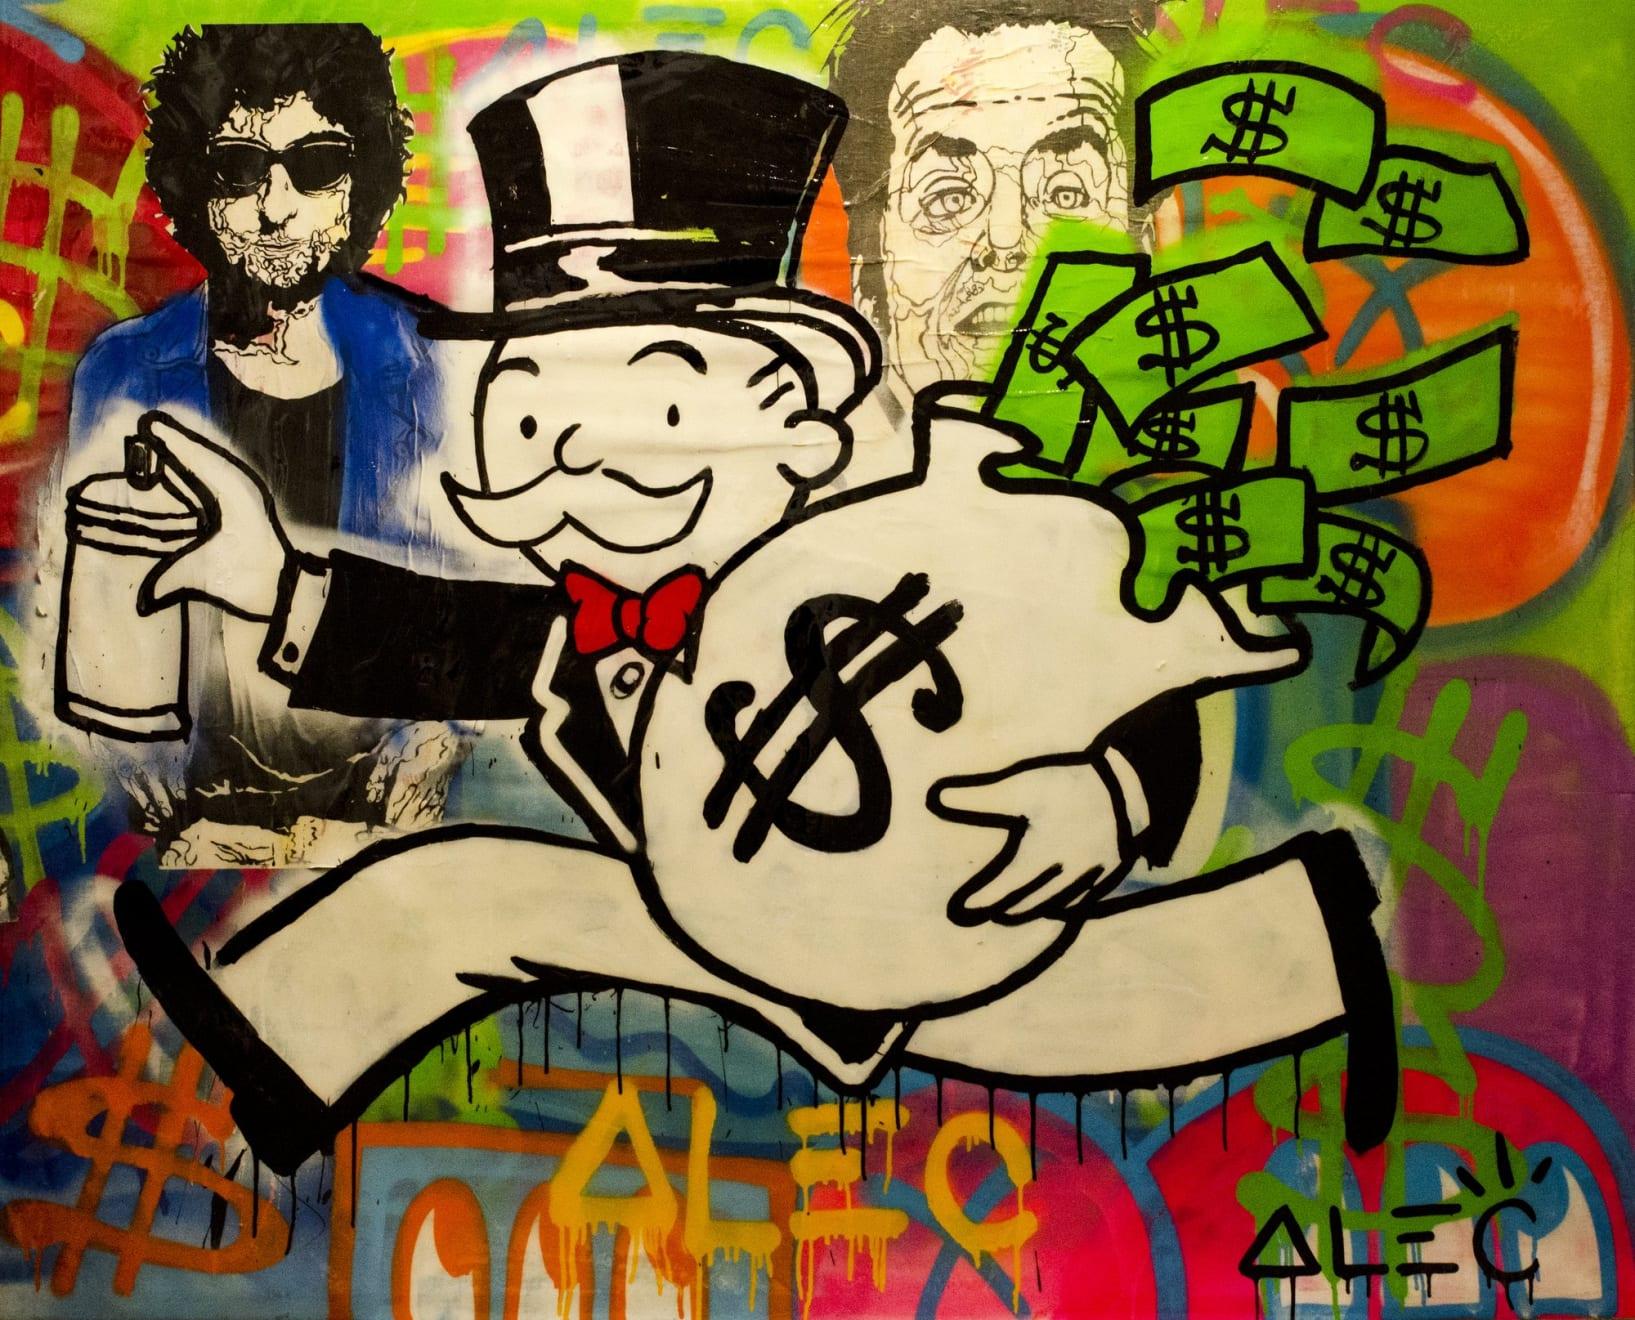 Alec Monopoly Jack & Bob Run, 2013